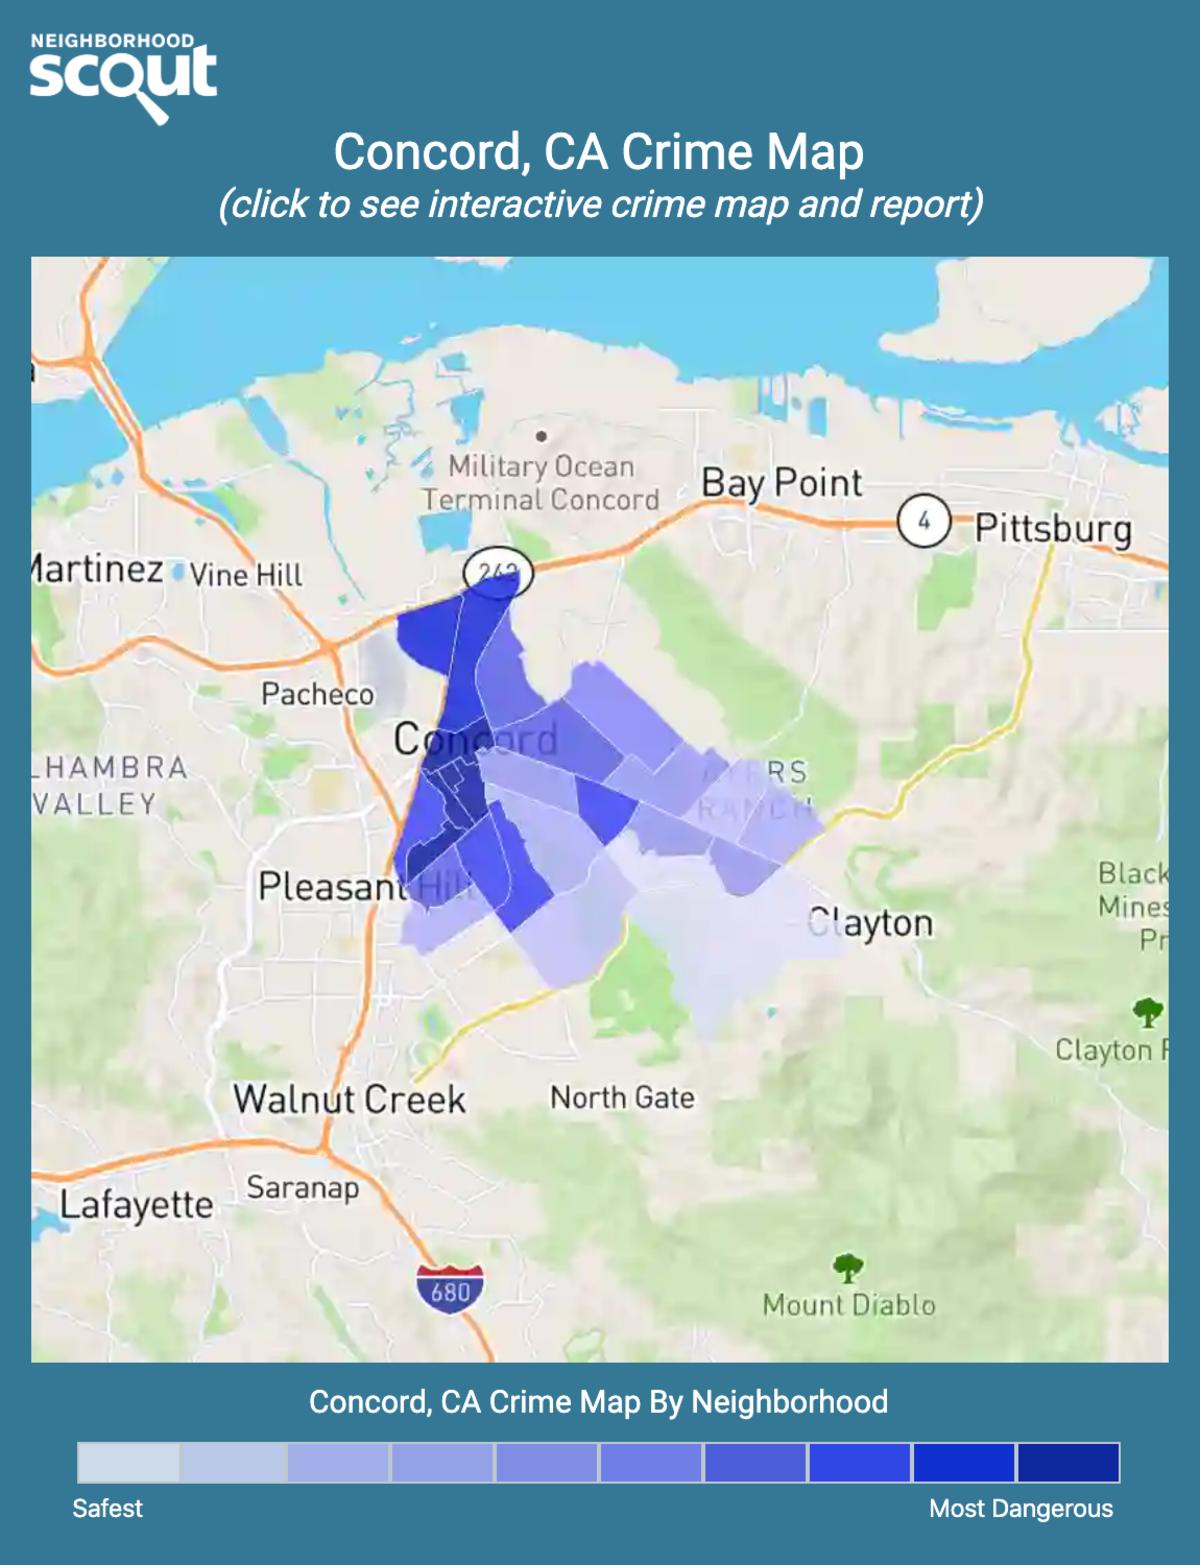 Concord, California crime map